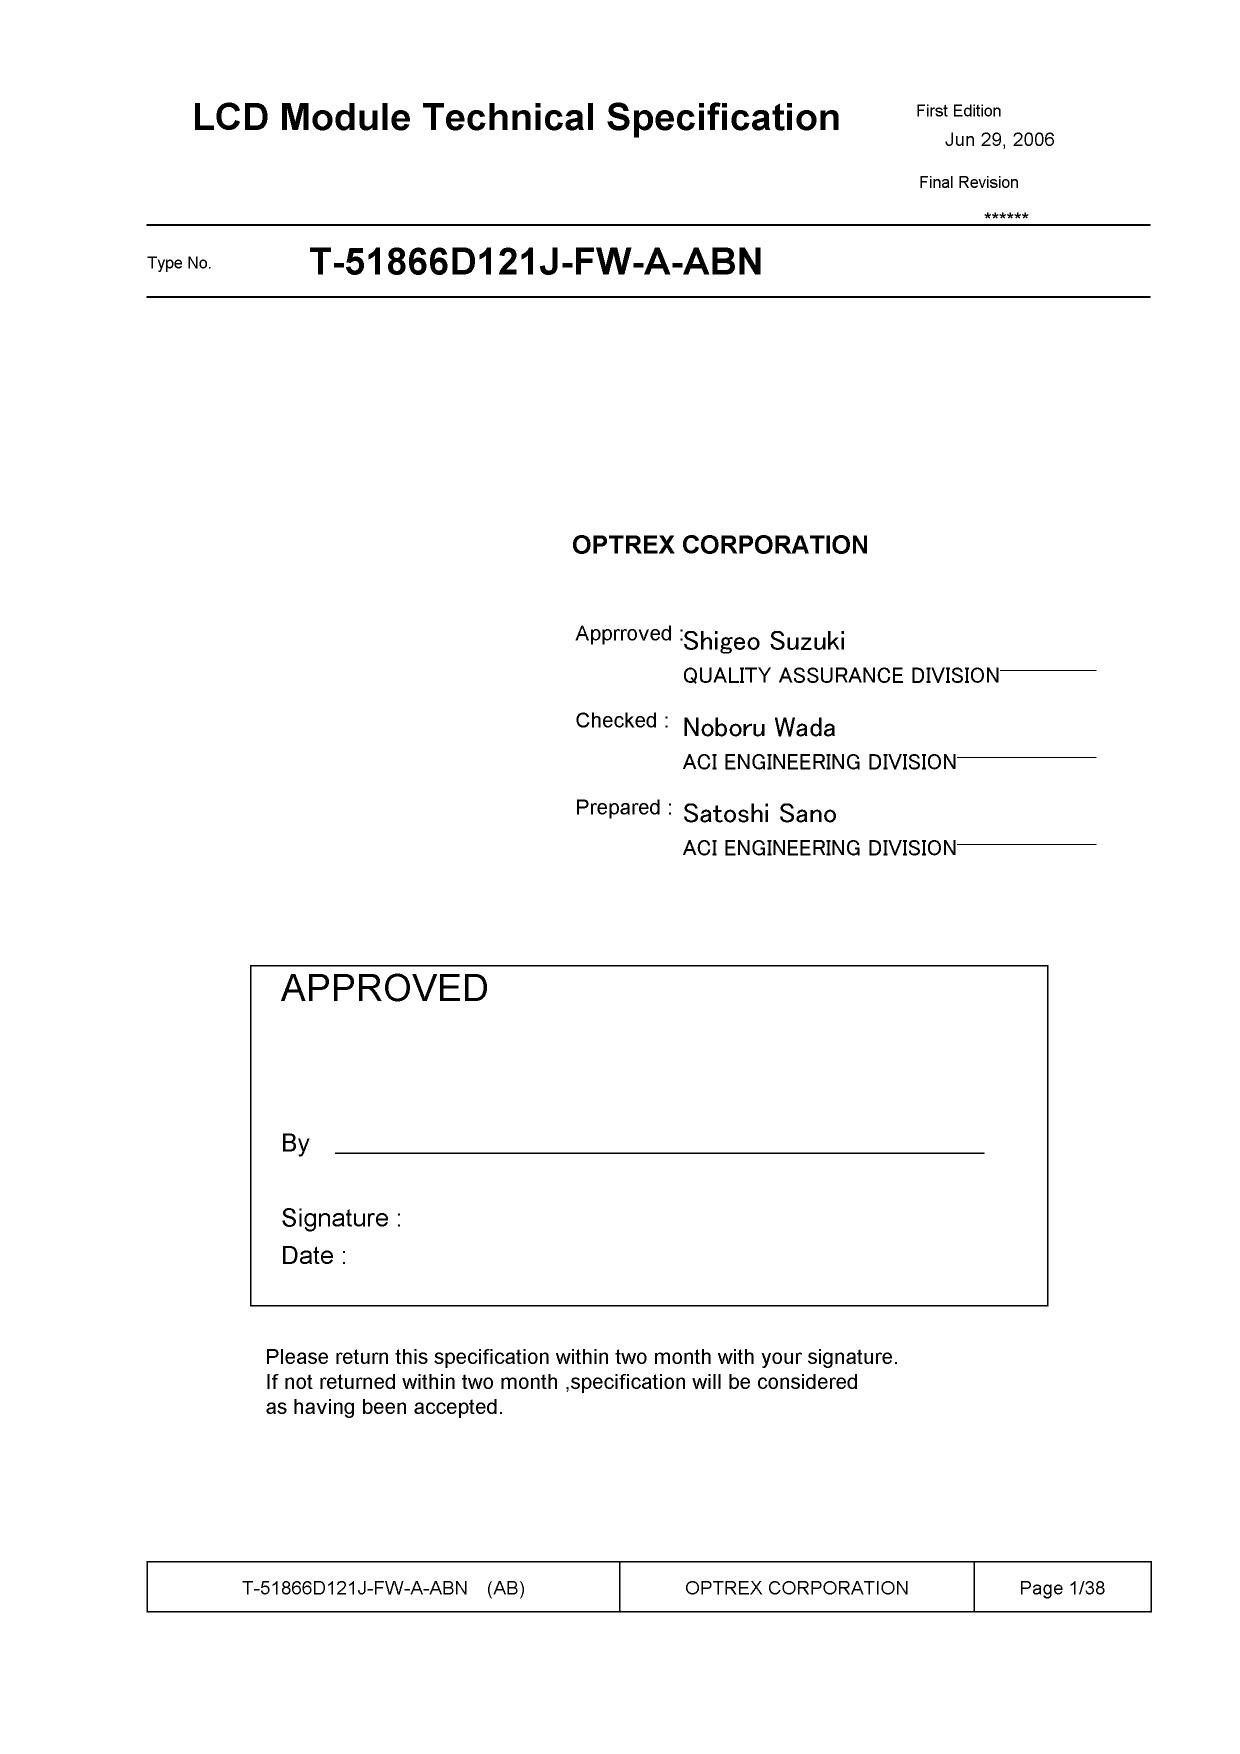 T-51866D121J-FW-A-ABN datasheet